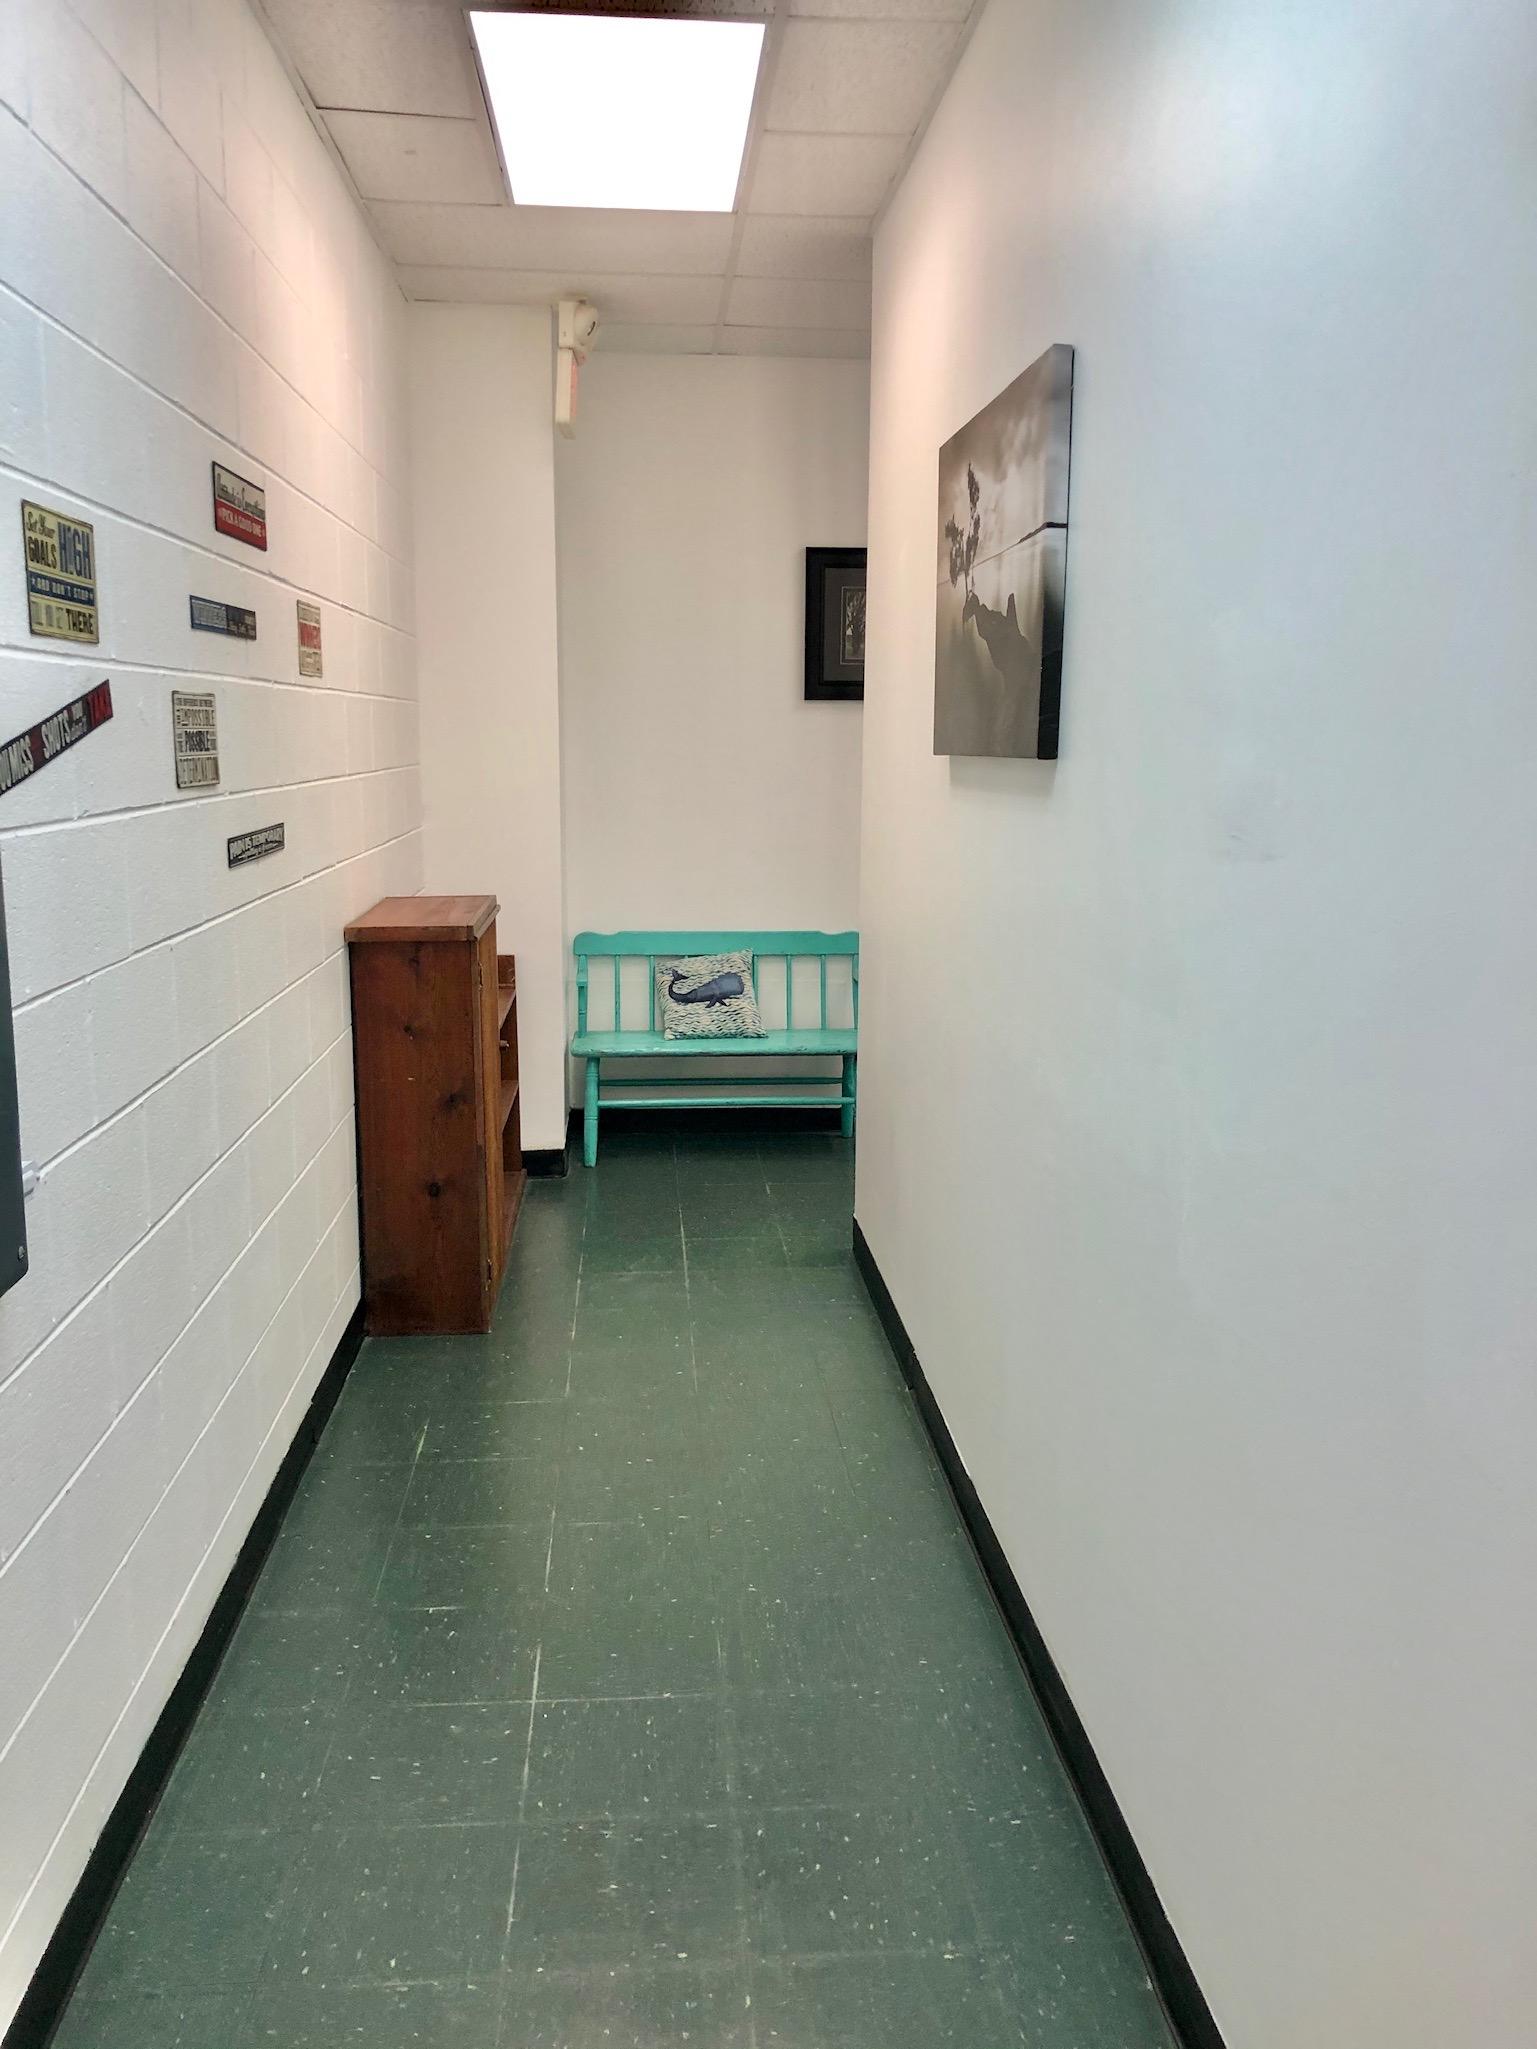 Facility Rear Corridor